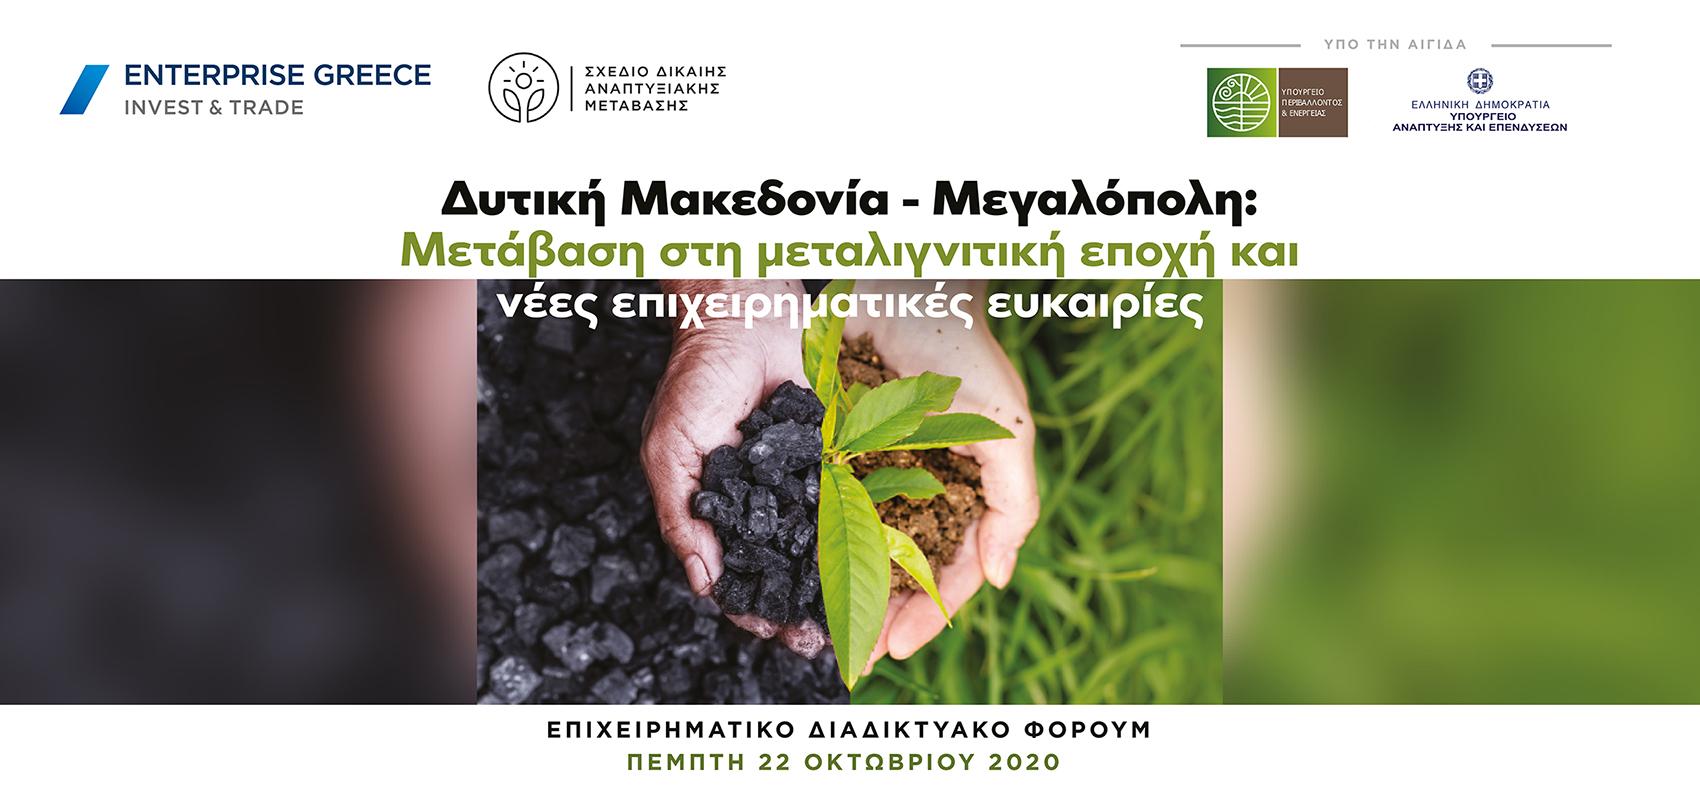 """Επιχειρηματικό Διαδικτυακό Φόρουμ """"Δυτική Μακεδονία-Μεγαλόπολη: Μετάβαση στη μεταλιγνιτική εποχή και νέες επιχειρηματικές ευκαιρίες"""""""